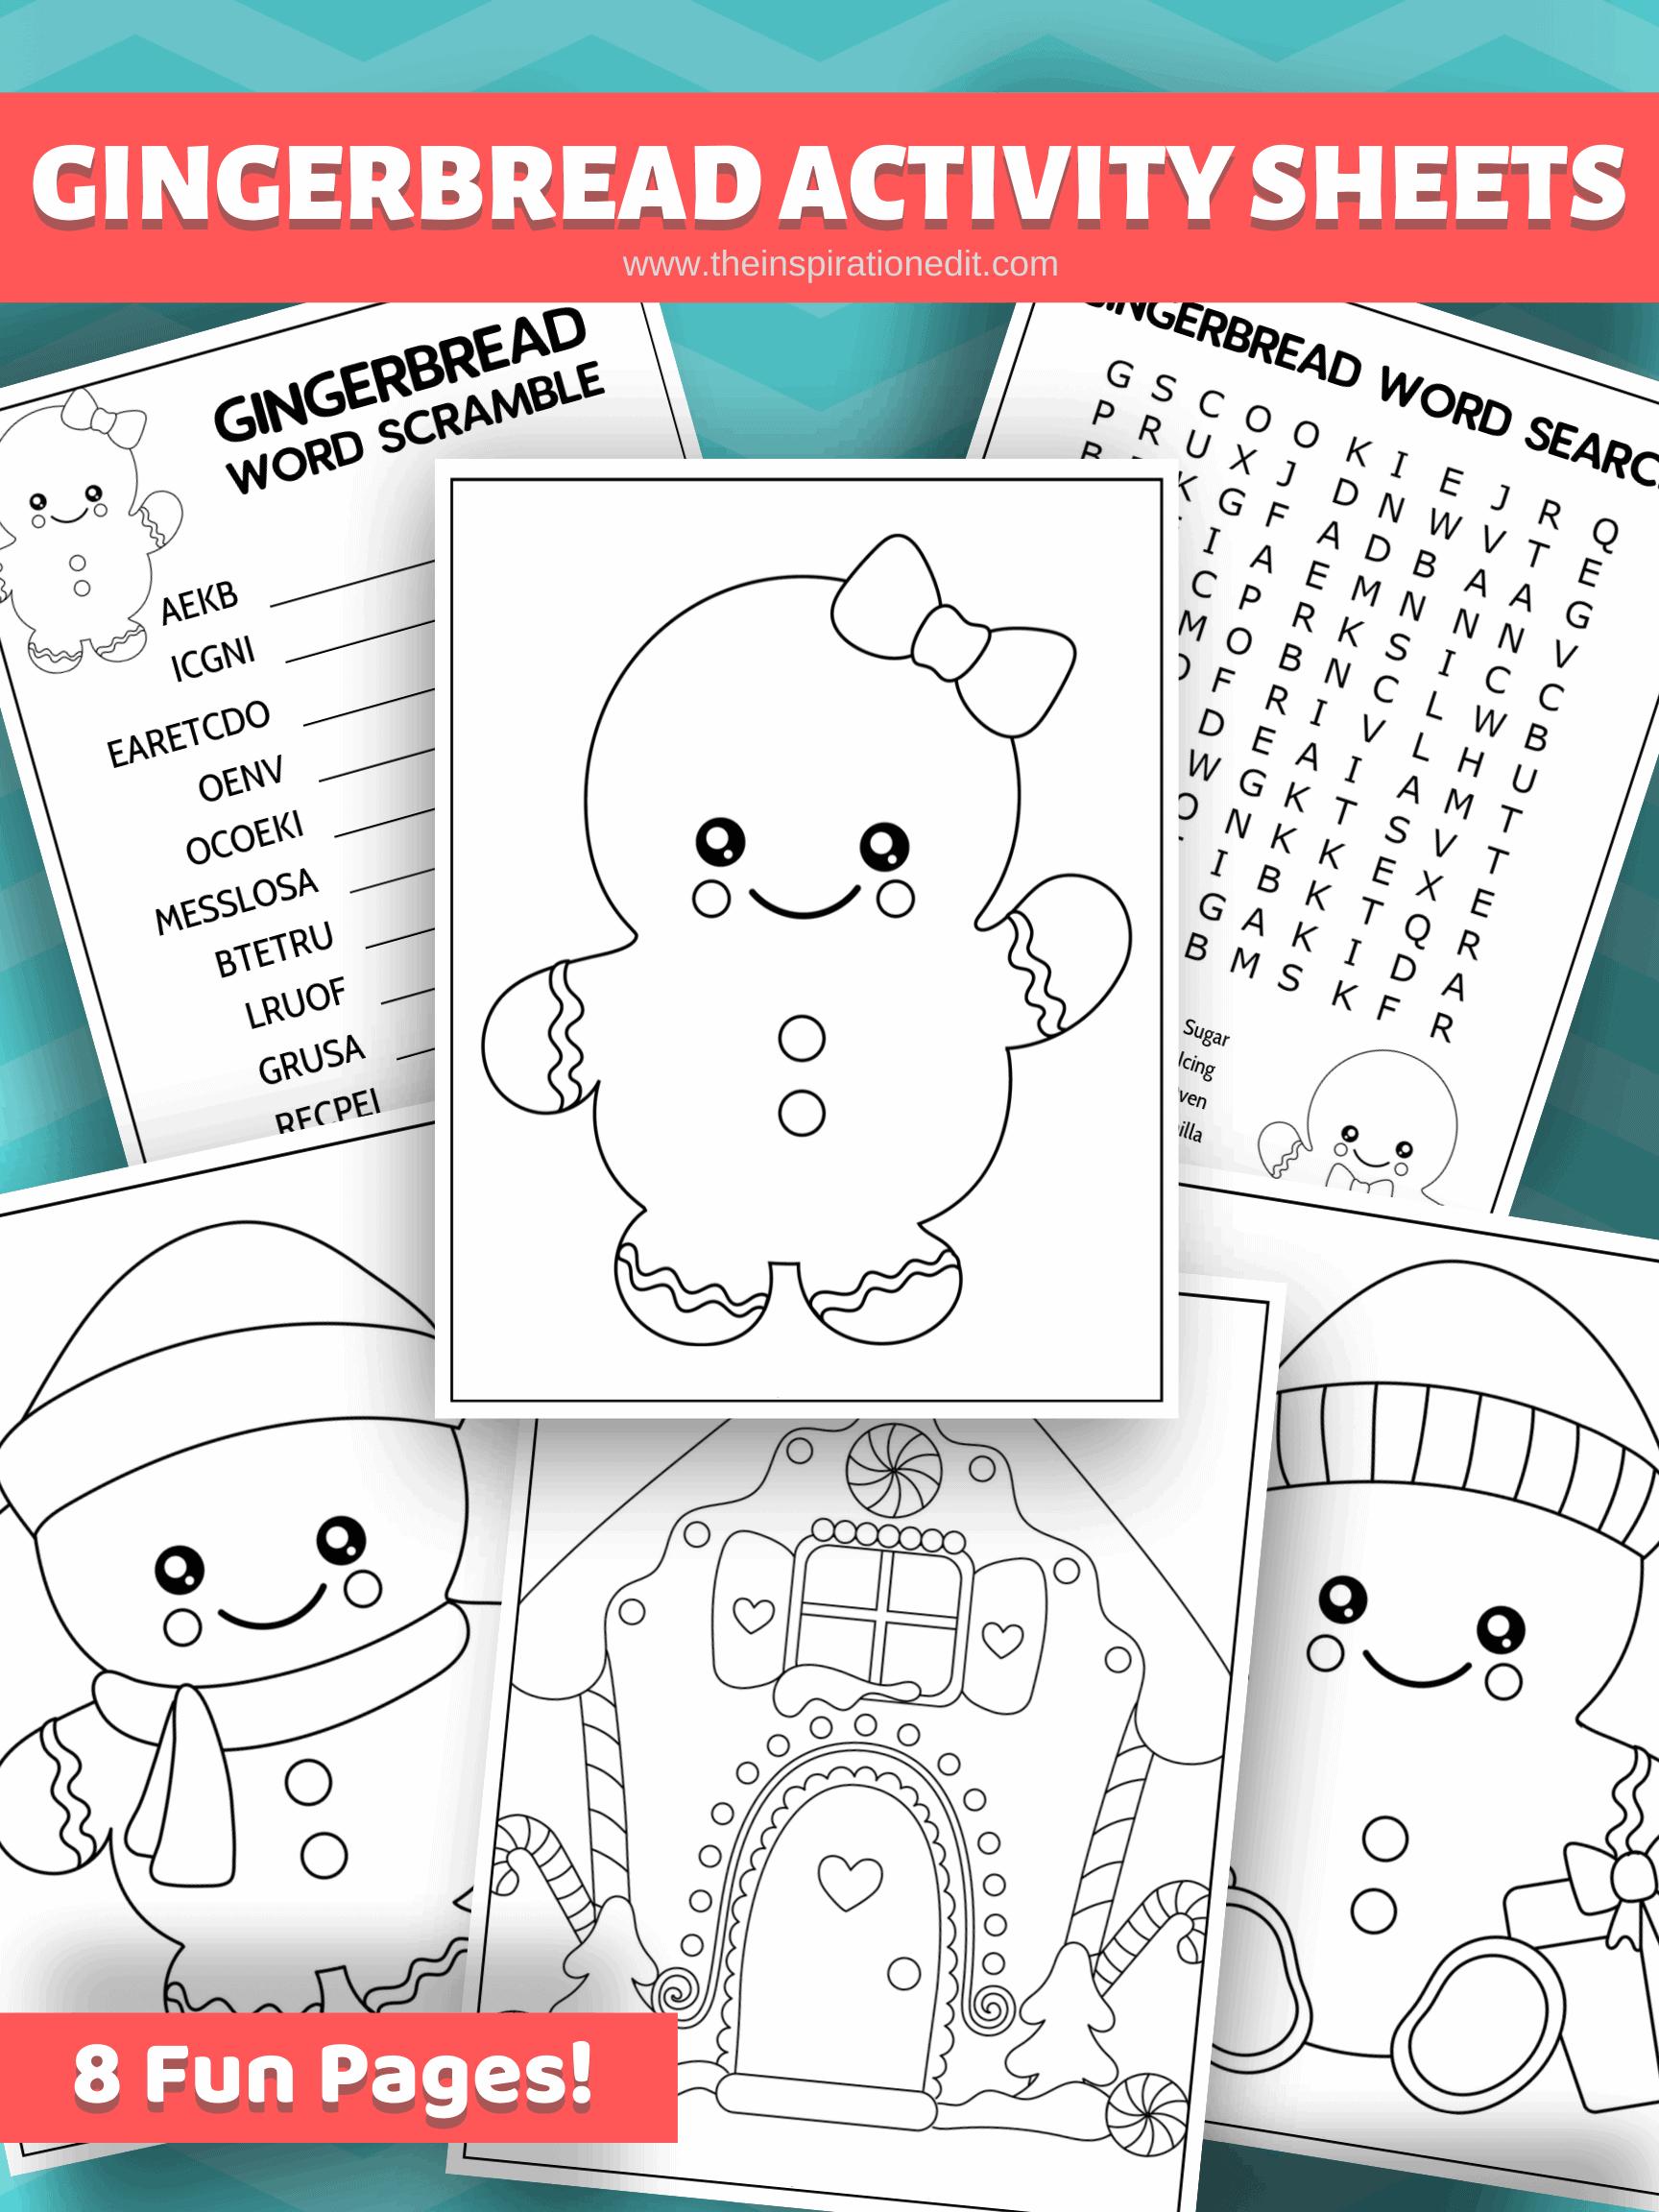 gingerbread man activity sheets